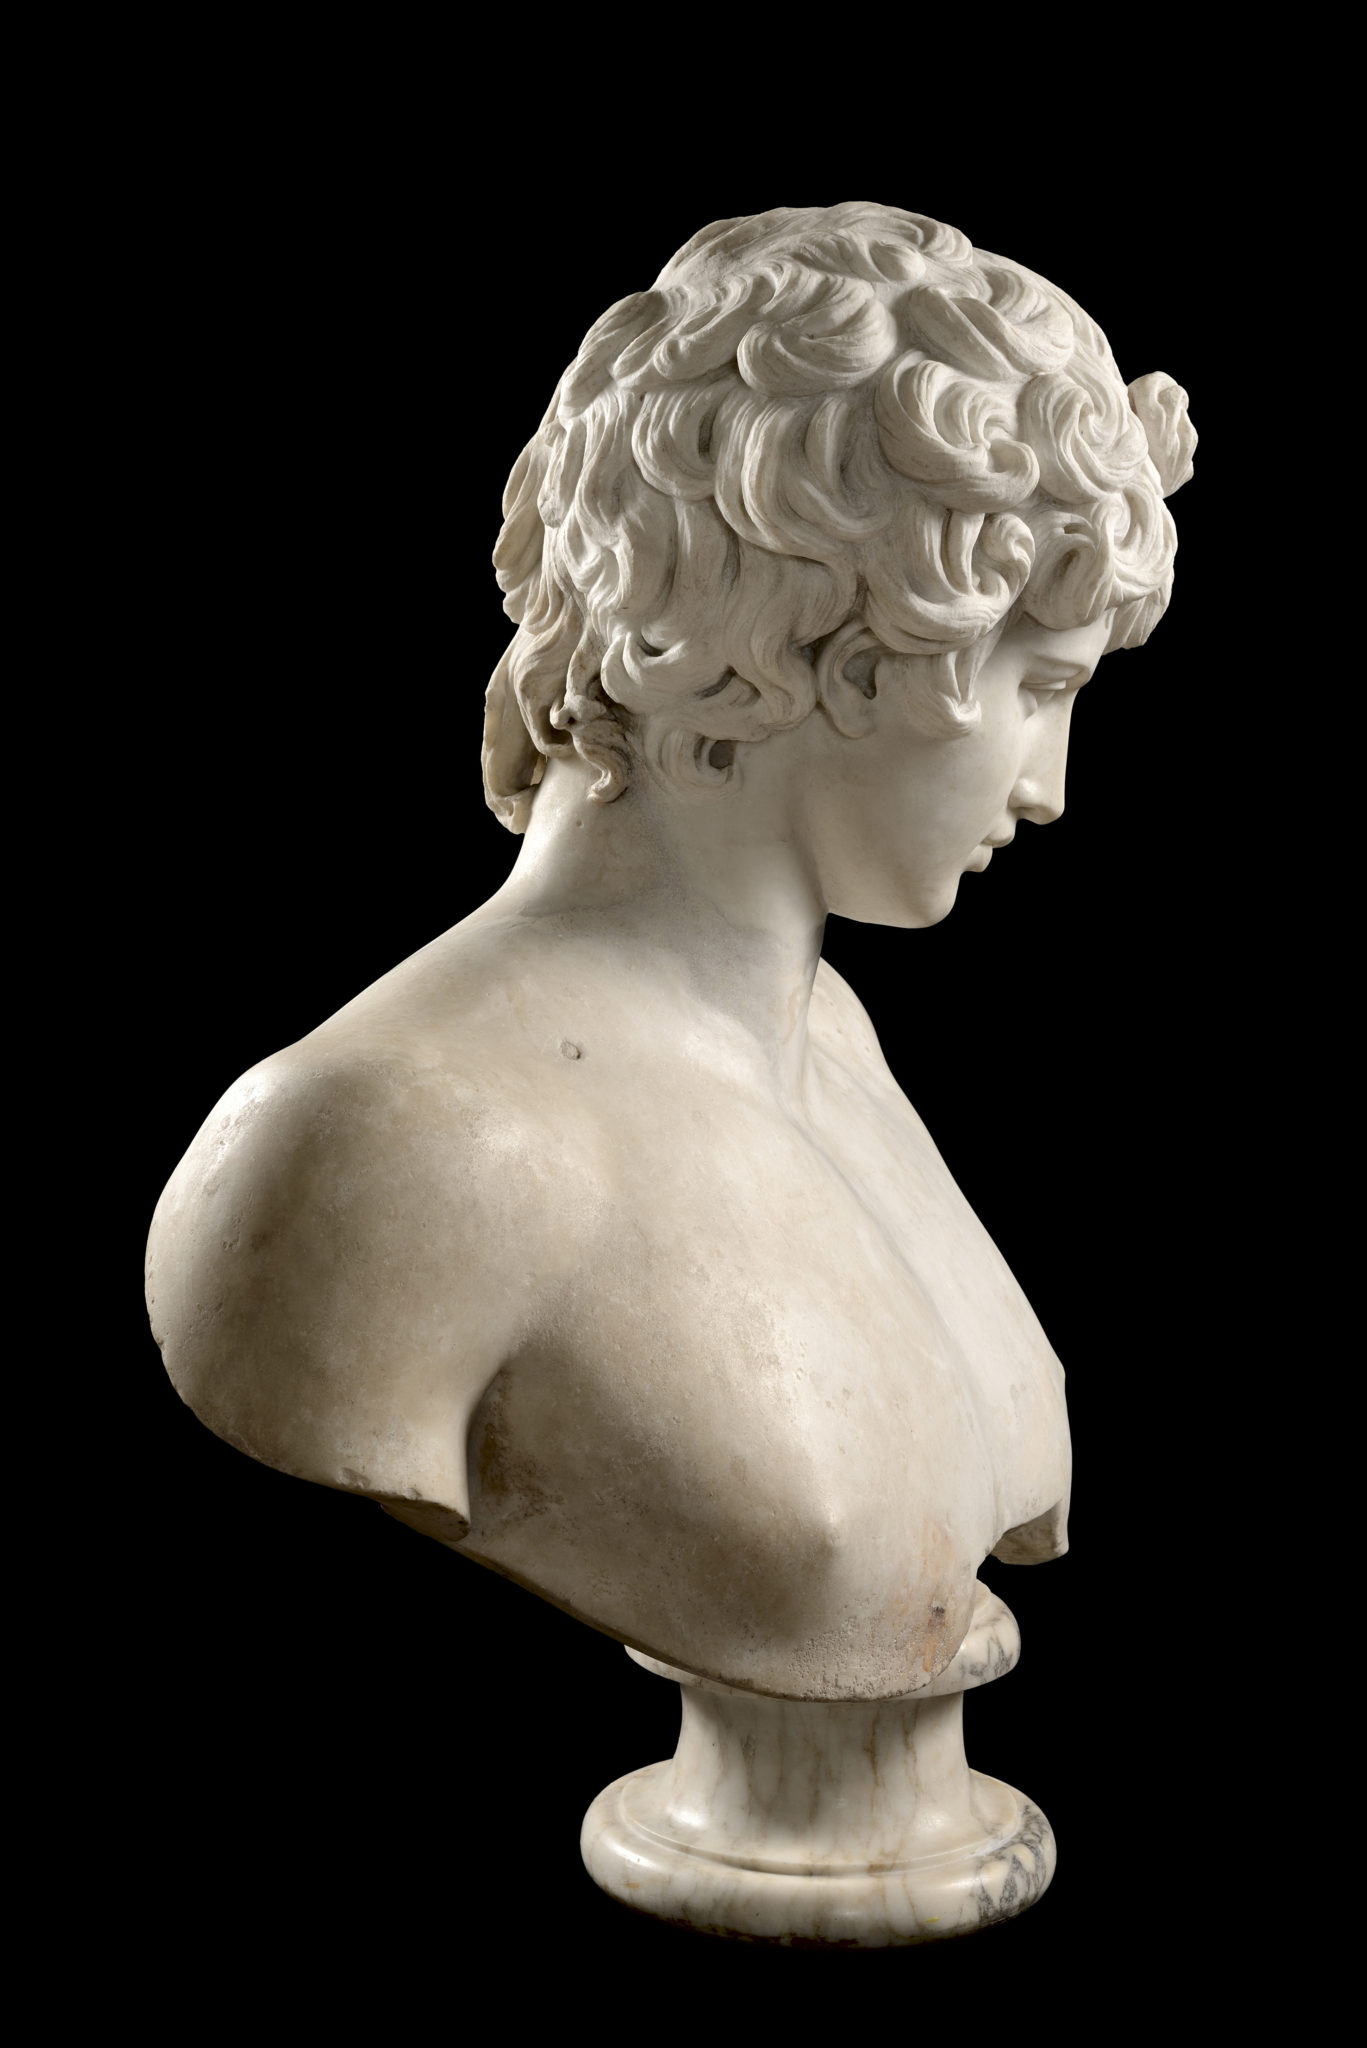 Antinoo. Efebica bellezza avvolta nel mistero. Un ritratto in due parti a Palazzo Altemps